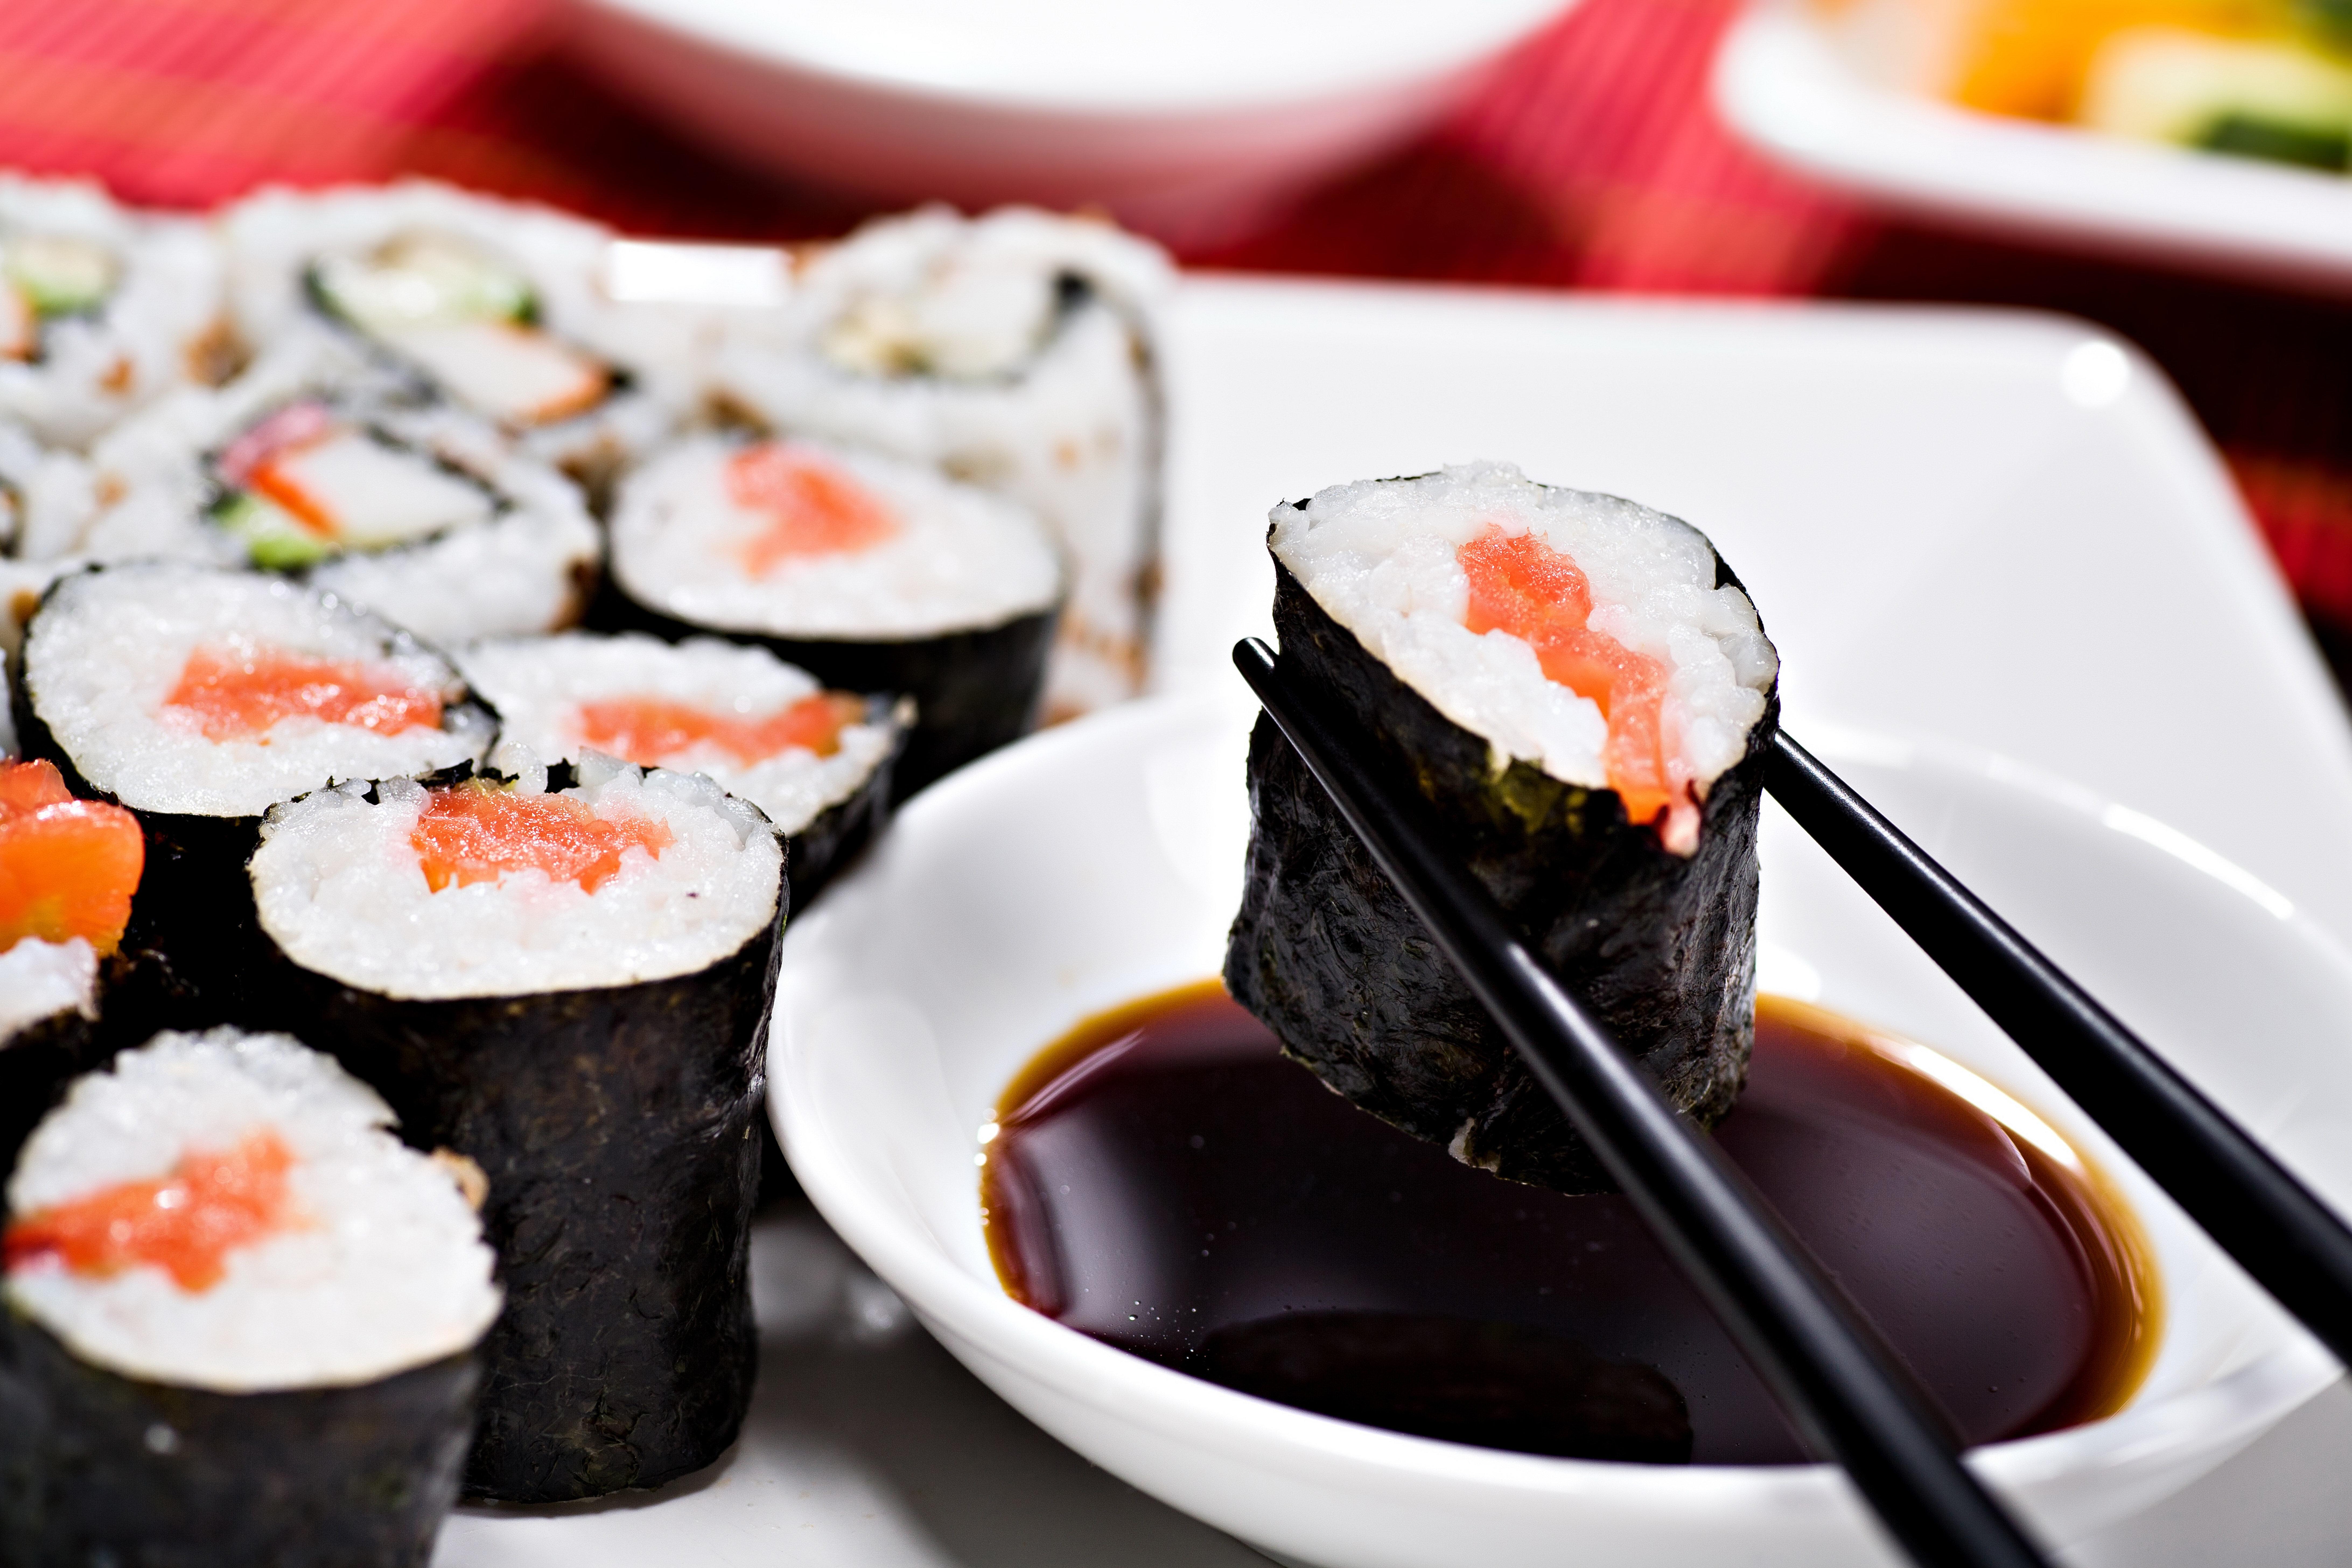 Sushi 8k Ultra HD Wallpaper